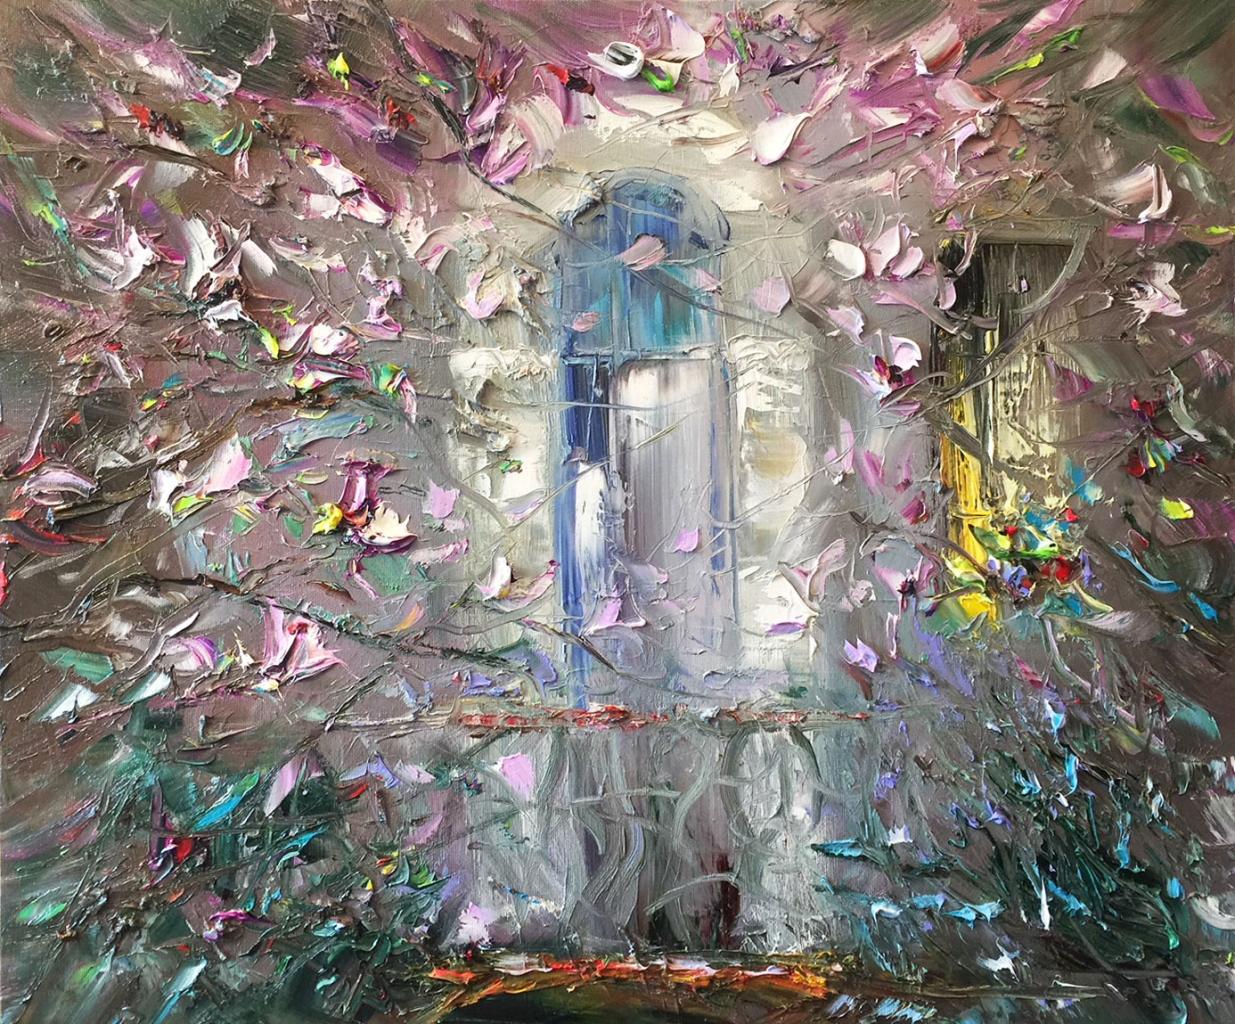 Scent of magnolia